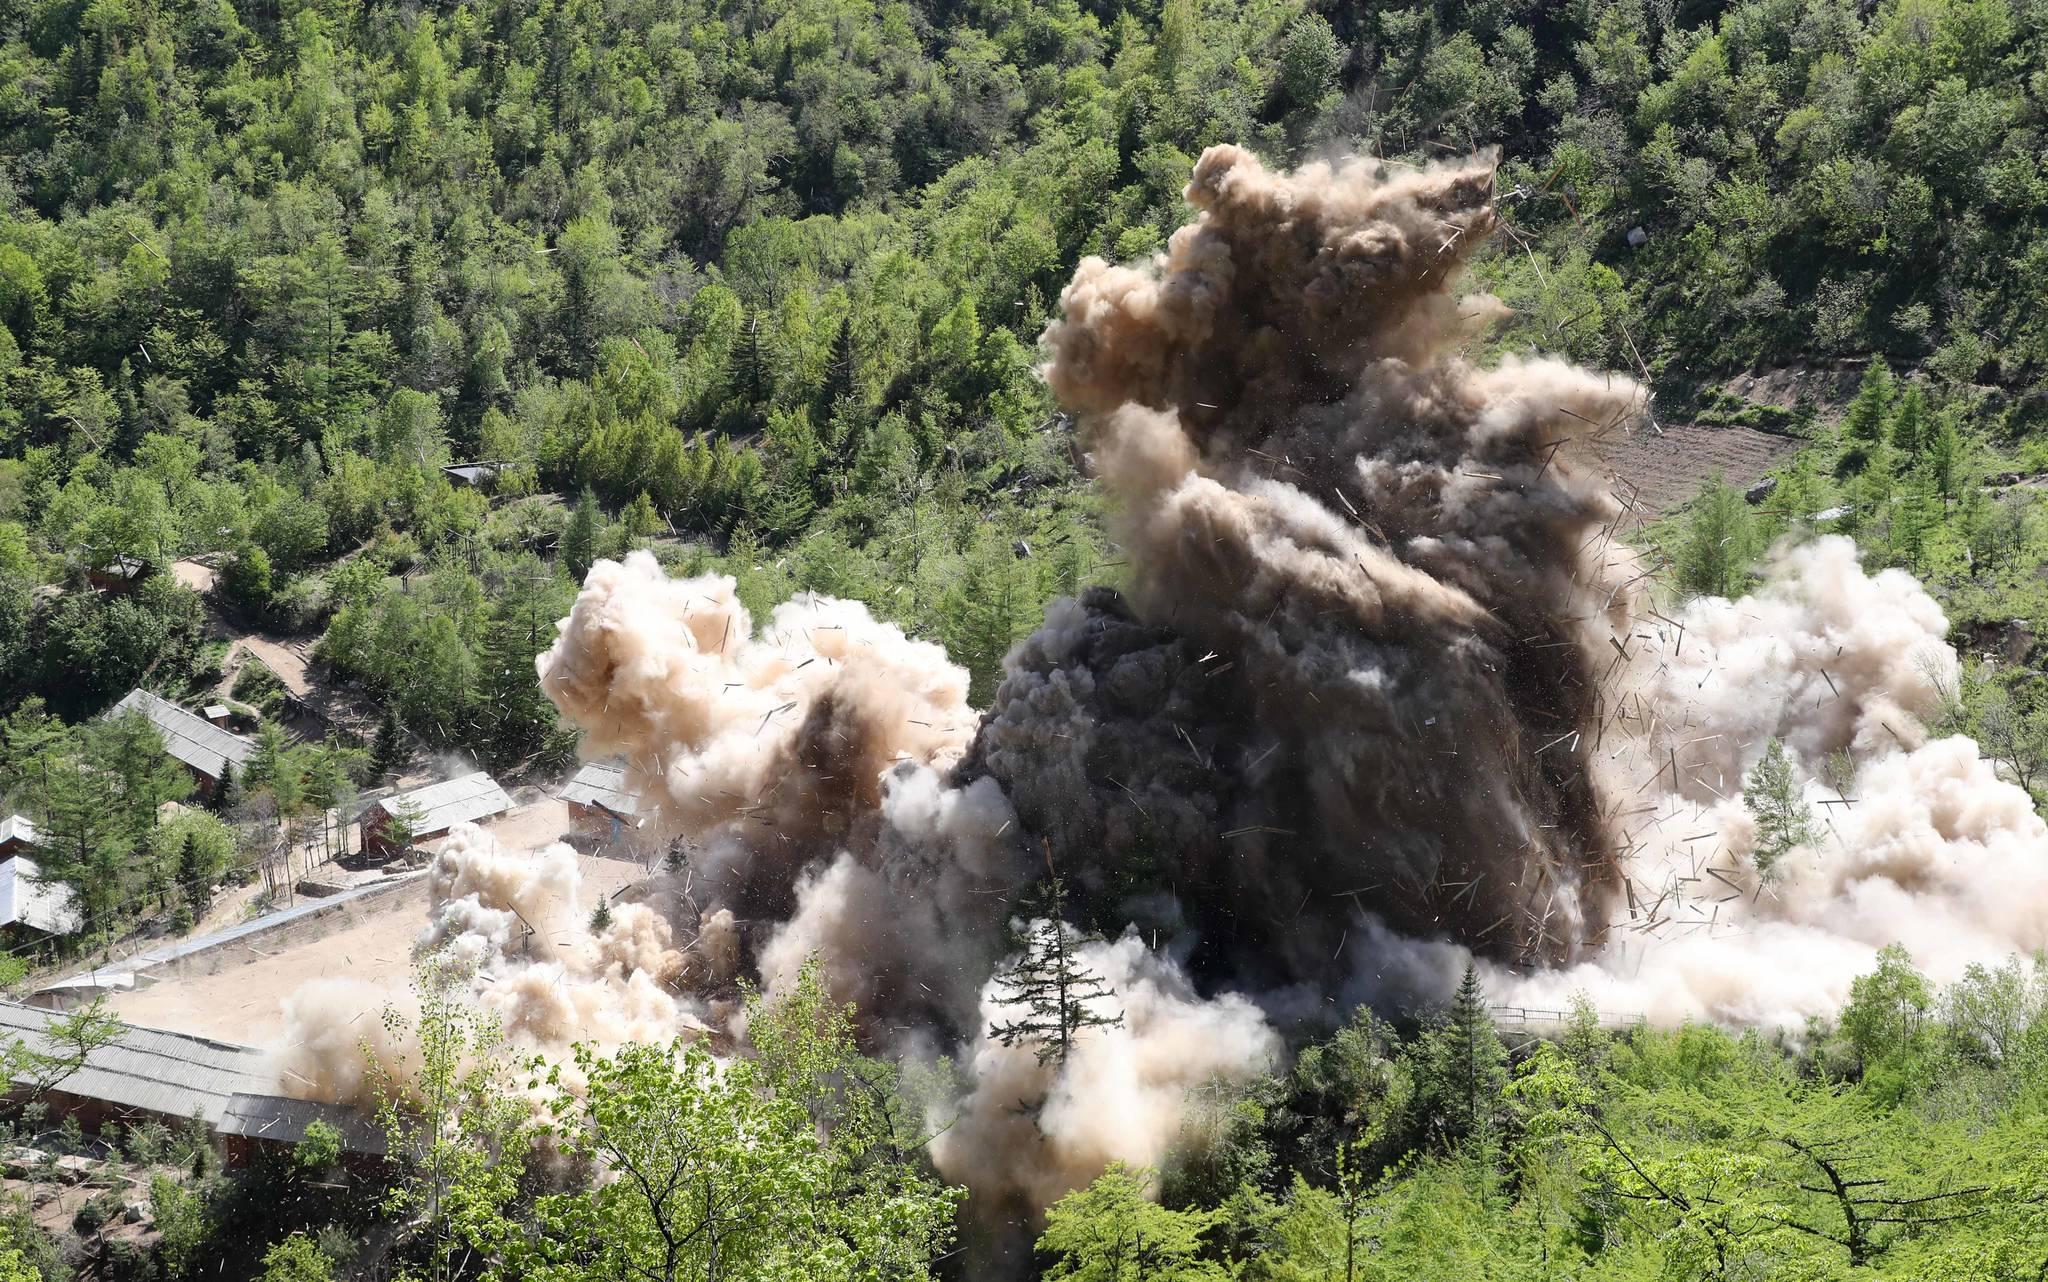 북한이 24일 지난 6차례의 핵실험을 모두 진행한 함경북도 길주군 풍계리 핵실험장 폭파해 폐기했다. 이날 연쇄 폭파 방식으로 갱도와 시설을 폭파한 북한 핵무기연구소 관계자들은 차후 모든 인원을 철수시키고 핵실험장 주변을 완전히 폐쇄할 것이라 밝혔다. 풍계리 핵실험 관리 지휘소시설 폭파순간 목조 건물들이 폭파 되며 산산이 부숴지고 있다. 사진공동취재단